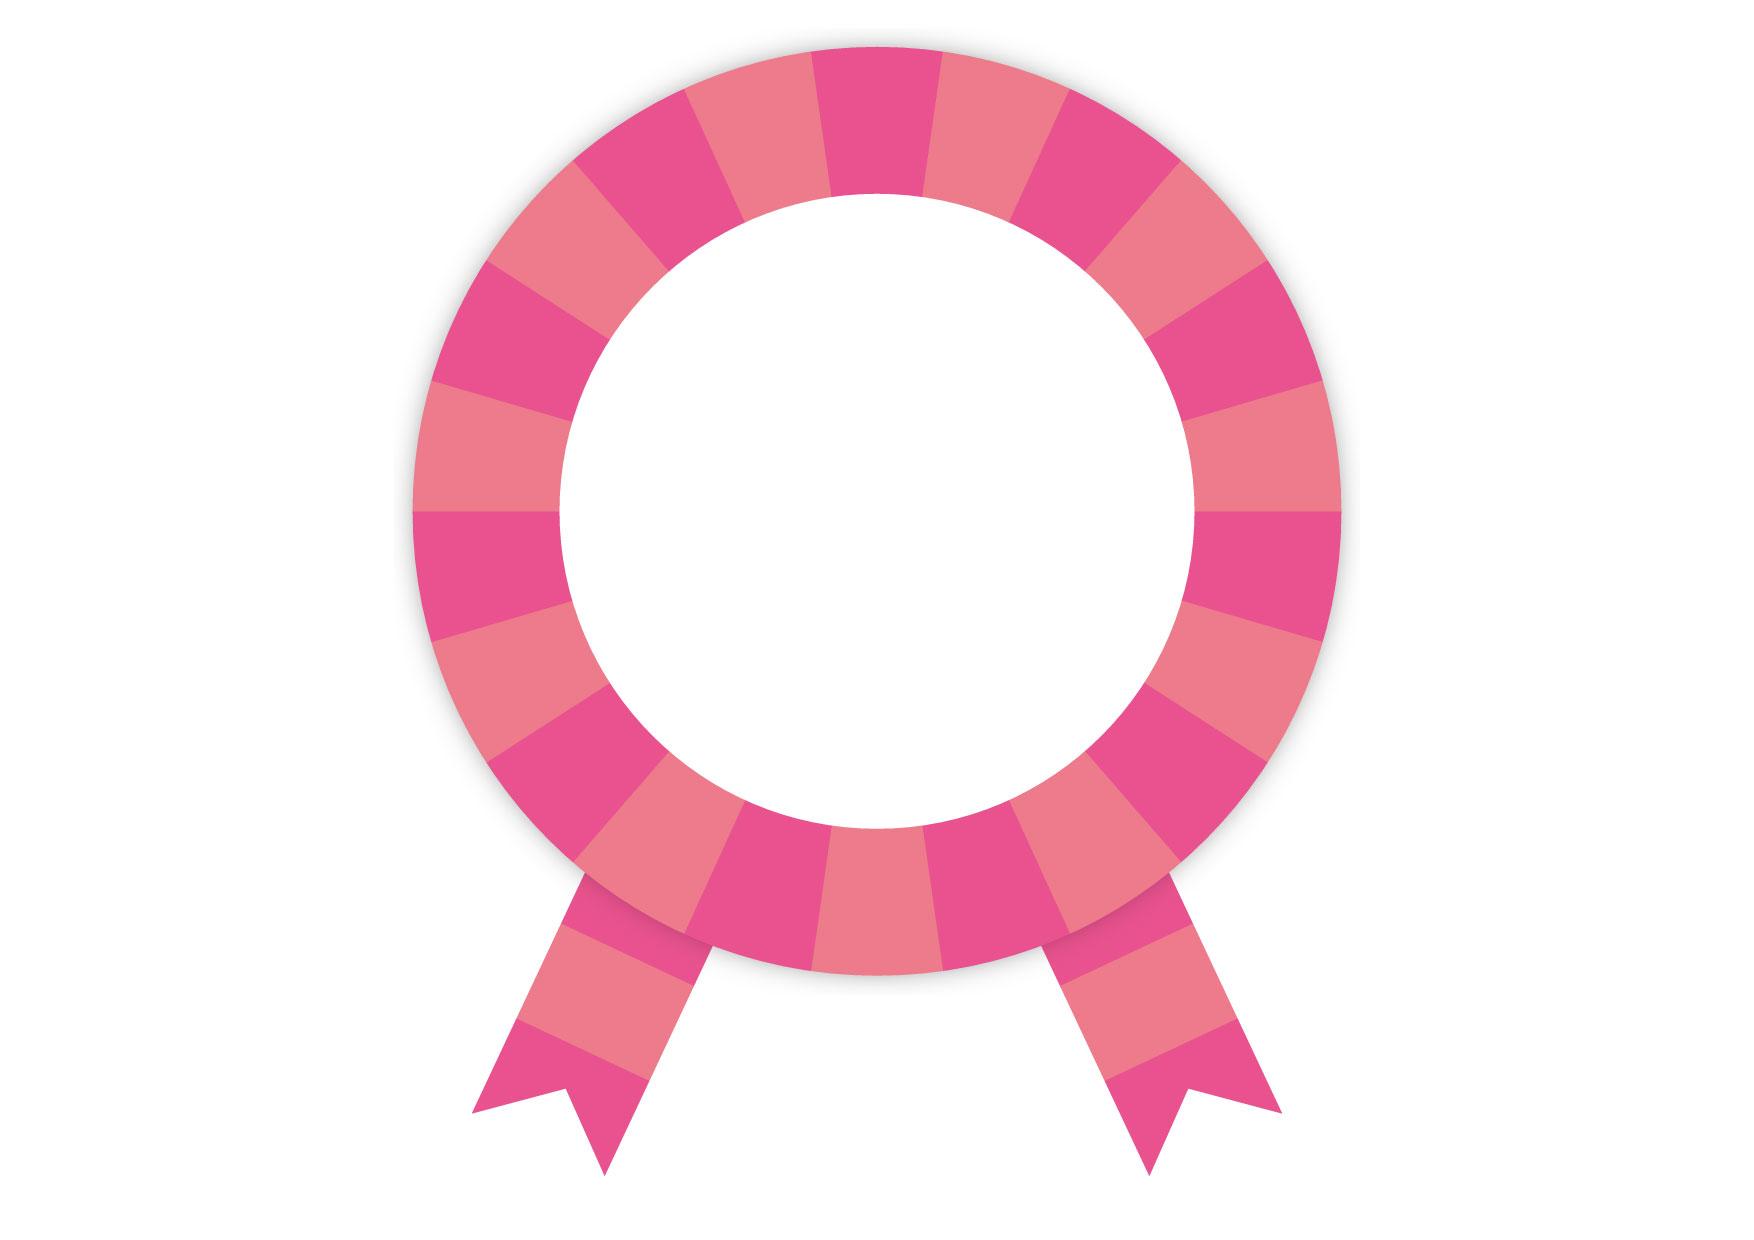 可愛いイラスト無料|ピンク バッジ フレーム リボン − free illustration Pink badge frame ribbon